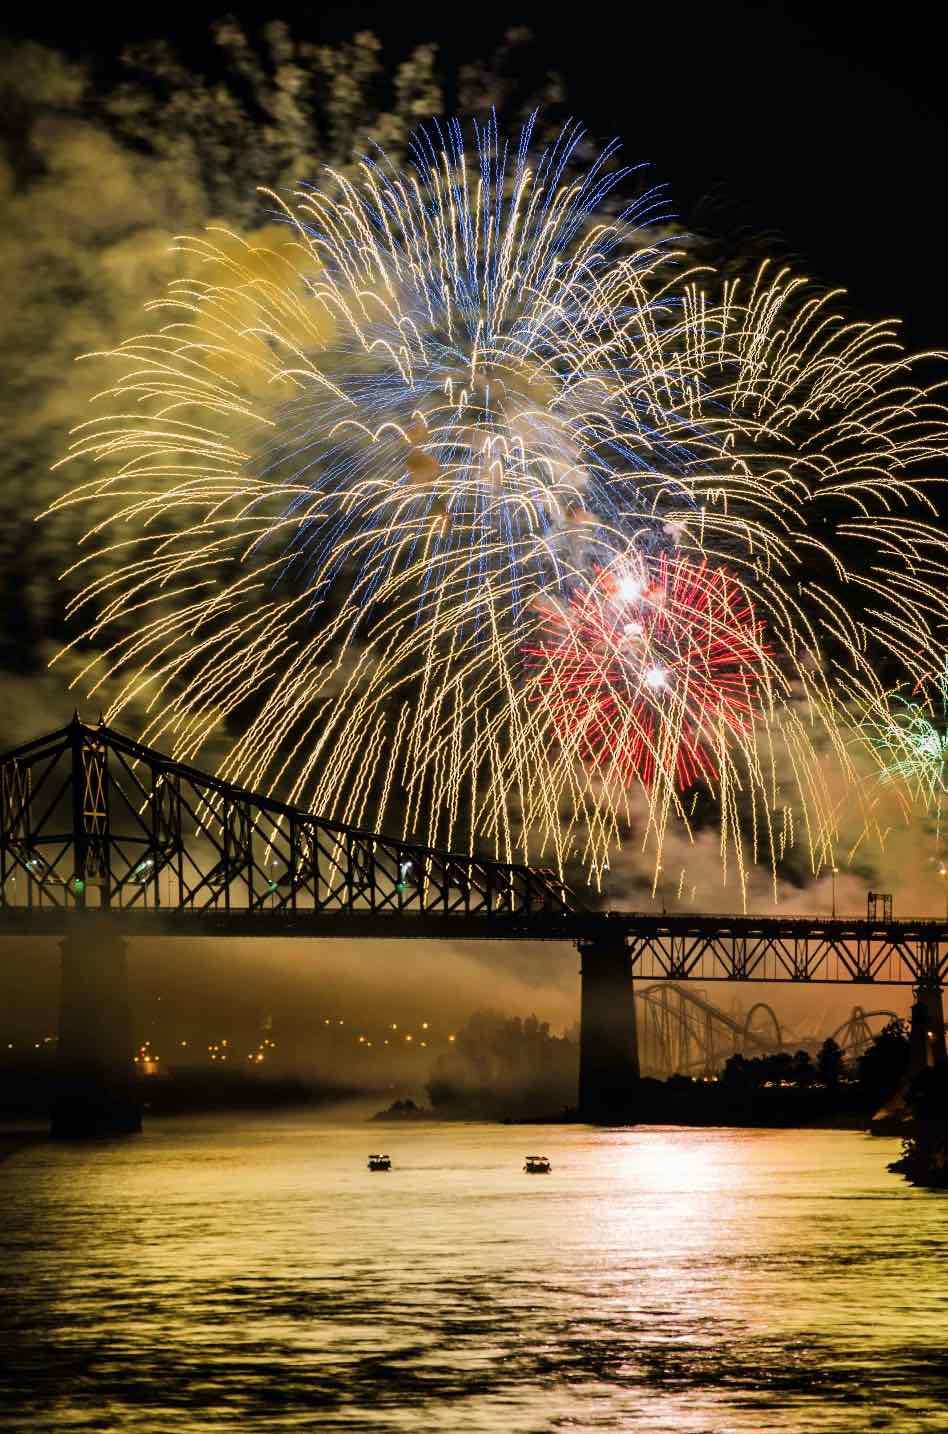 https://bli.ca/wp-content/uploads/2021/03/Fireworks-Montreal.jpg